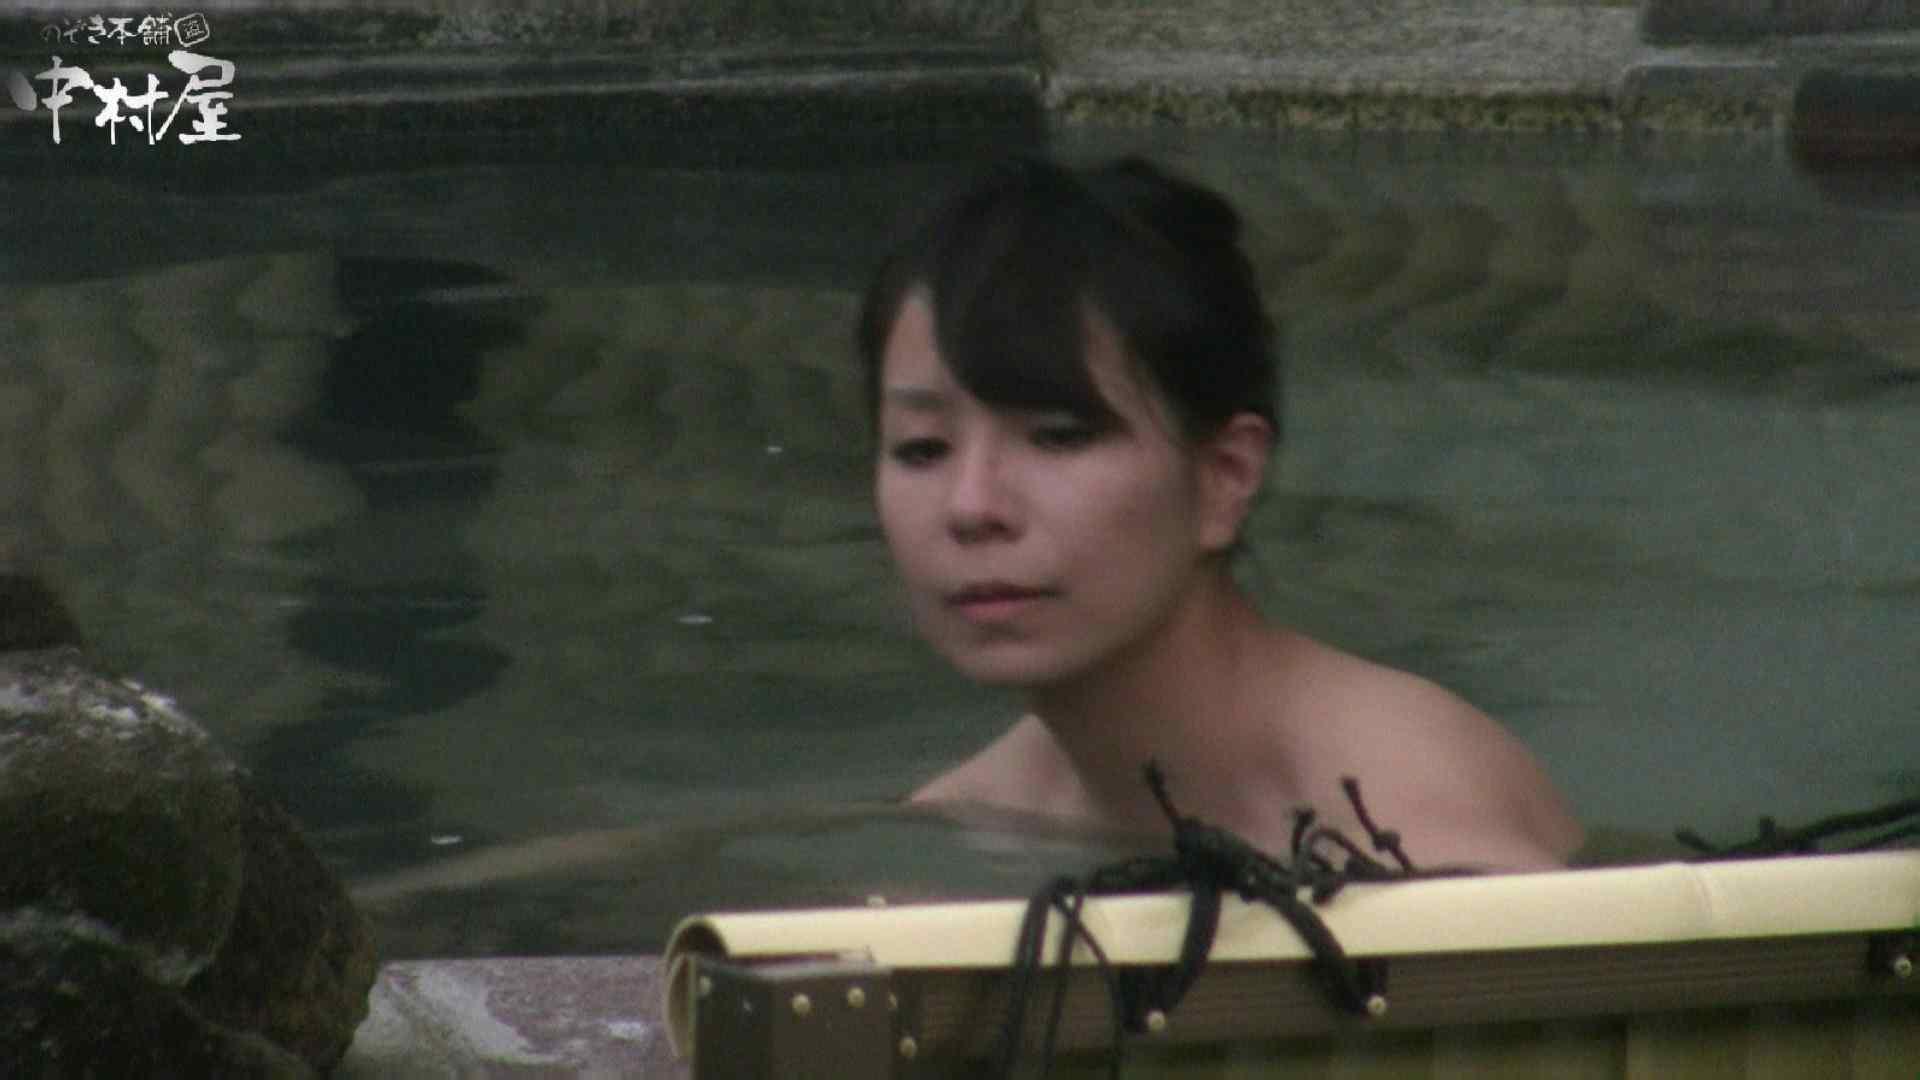 Aquaな露天風呂Vol.930 OL  66pic 46